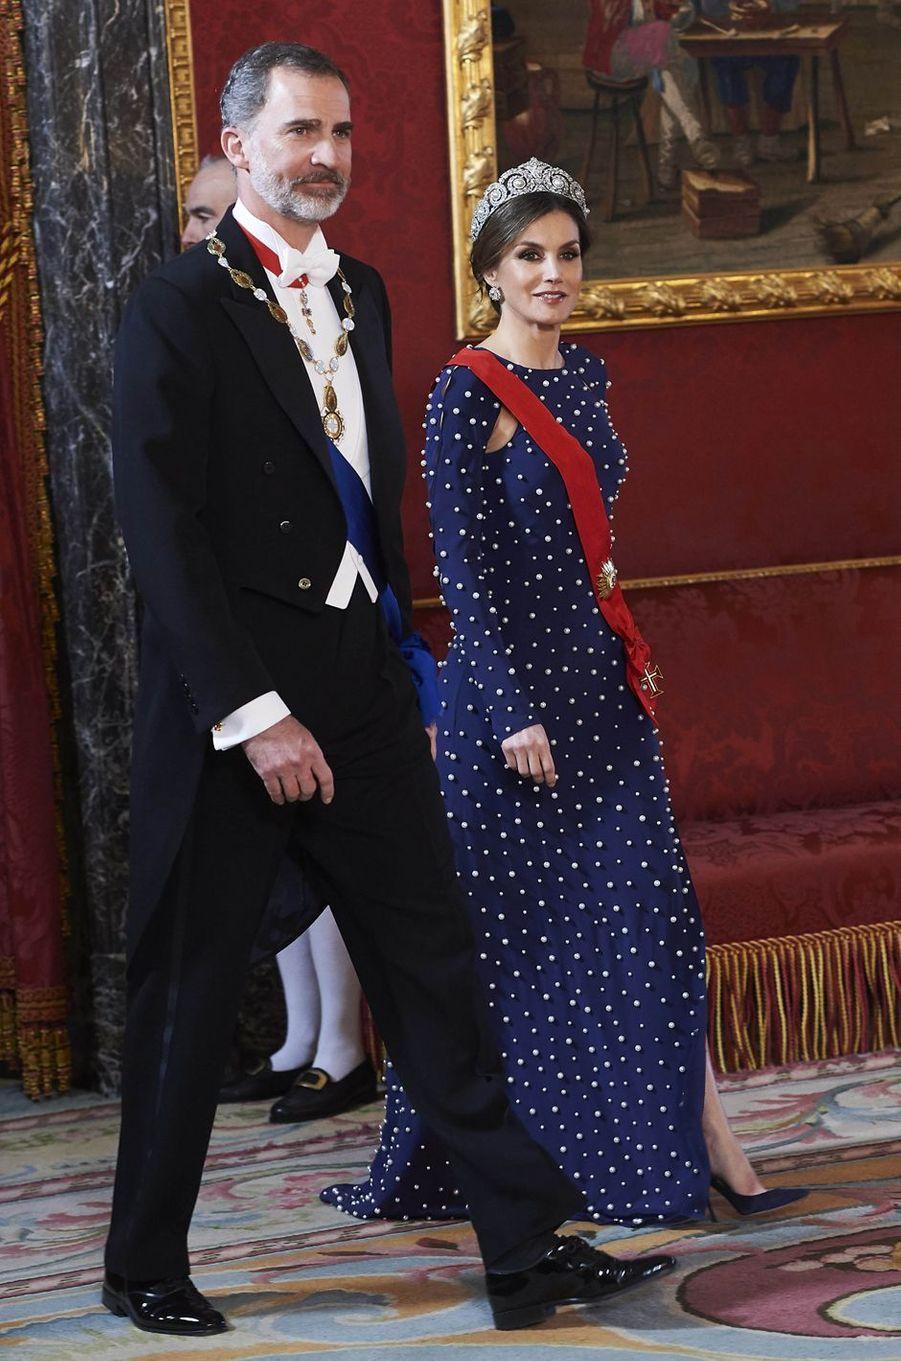 La reine Letizia et le roi Felipe VI d'Espagne à Madrid, le 16 avril 2018